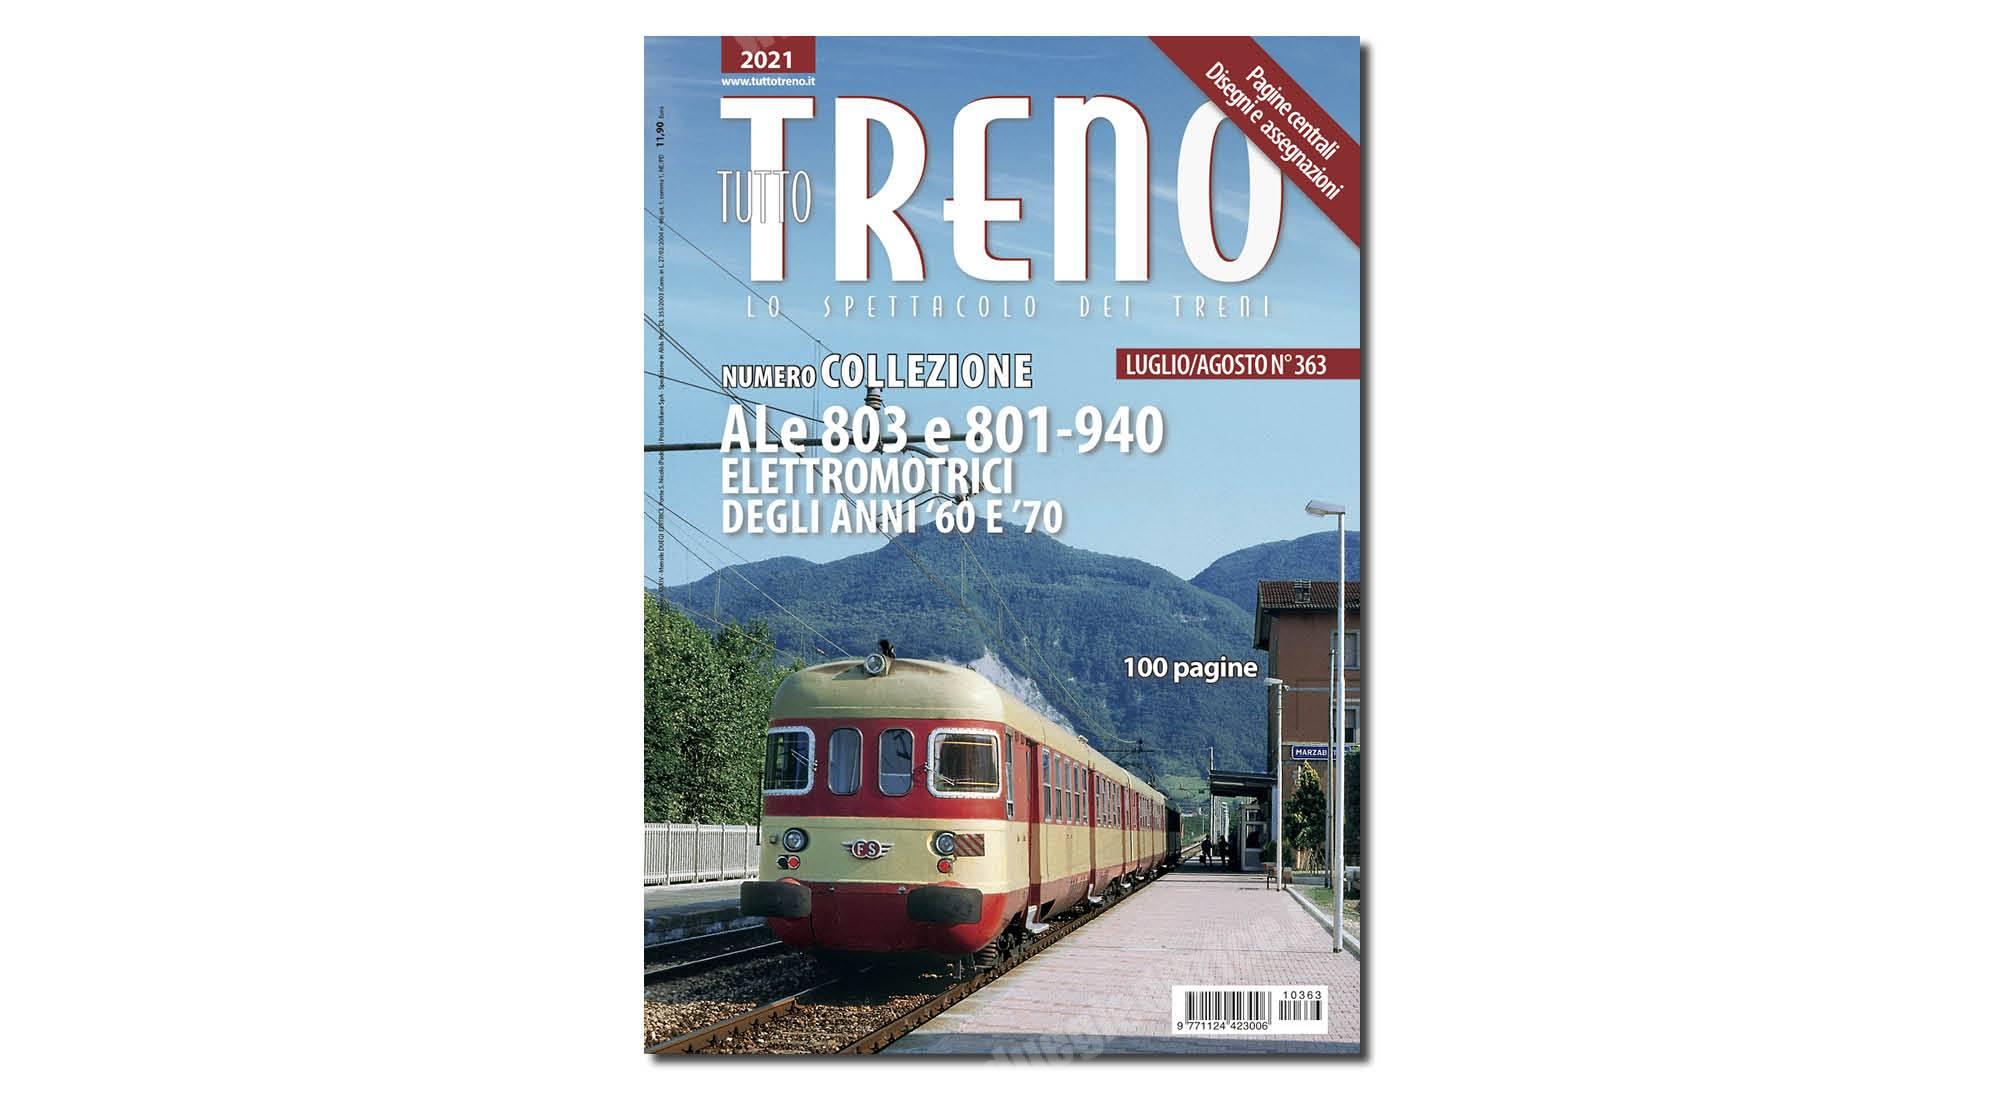 tT363-copertina_ok